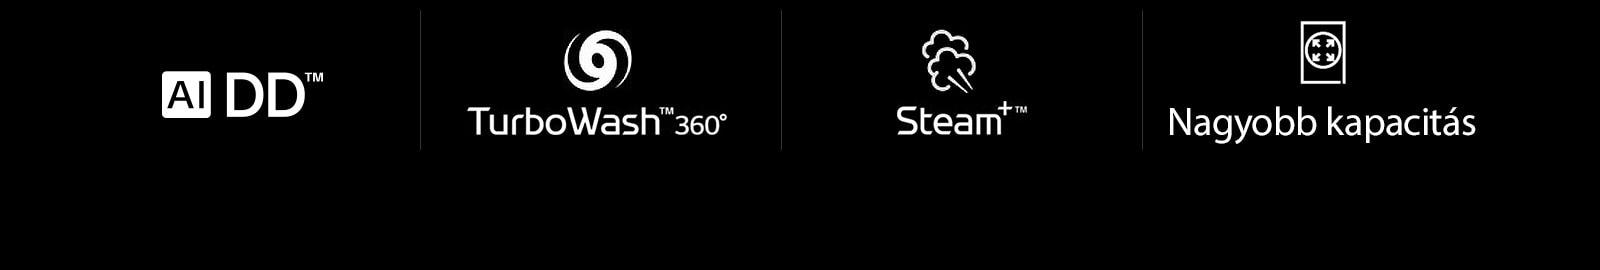 WD-Vivace-V900-VC2-BlackSteel-01-2-Vivace-Intro-Desktop